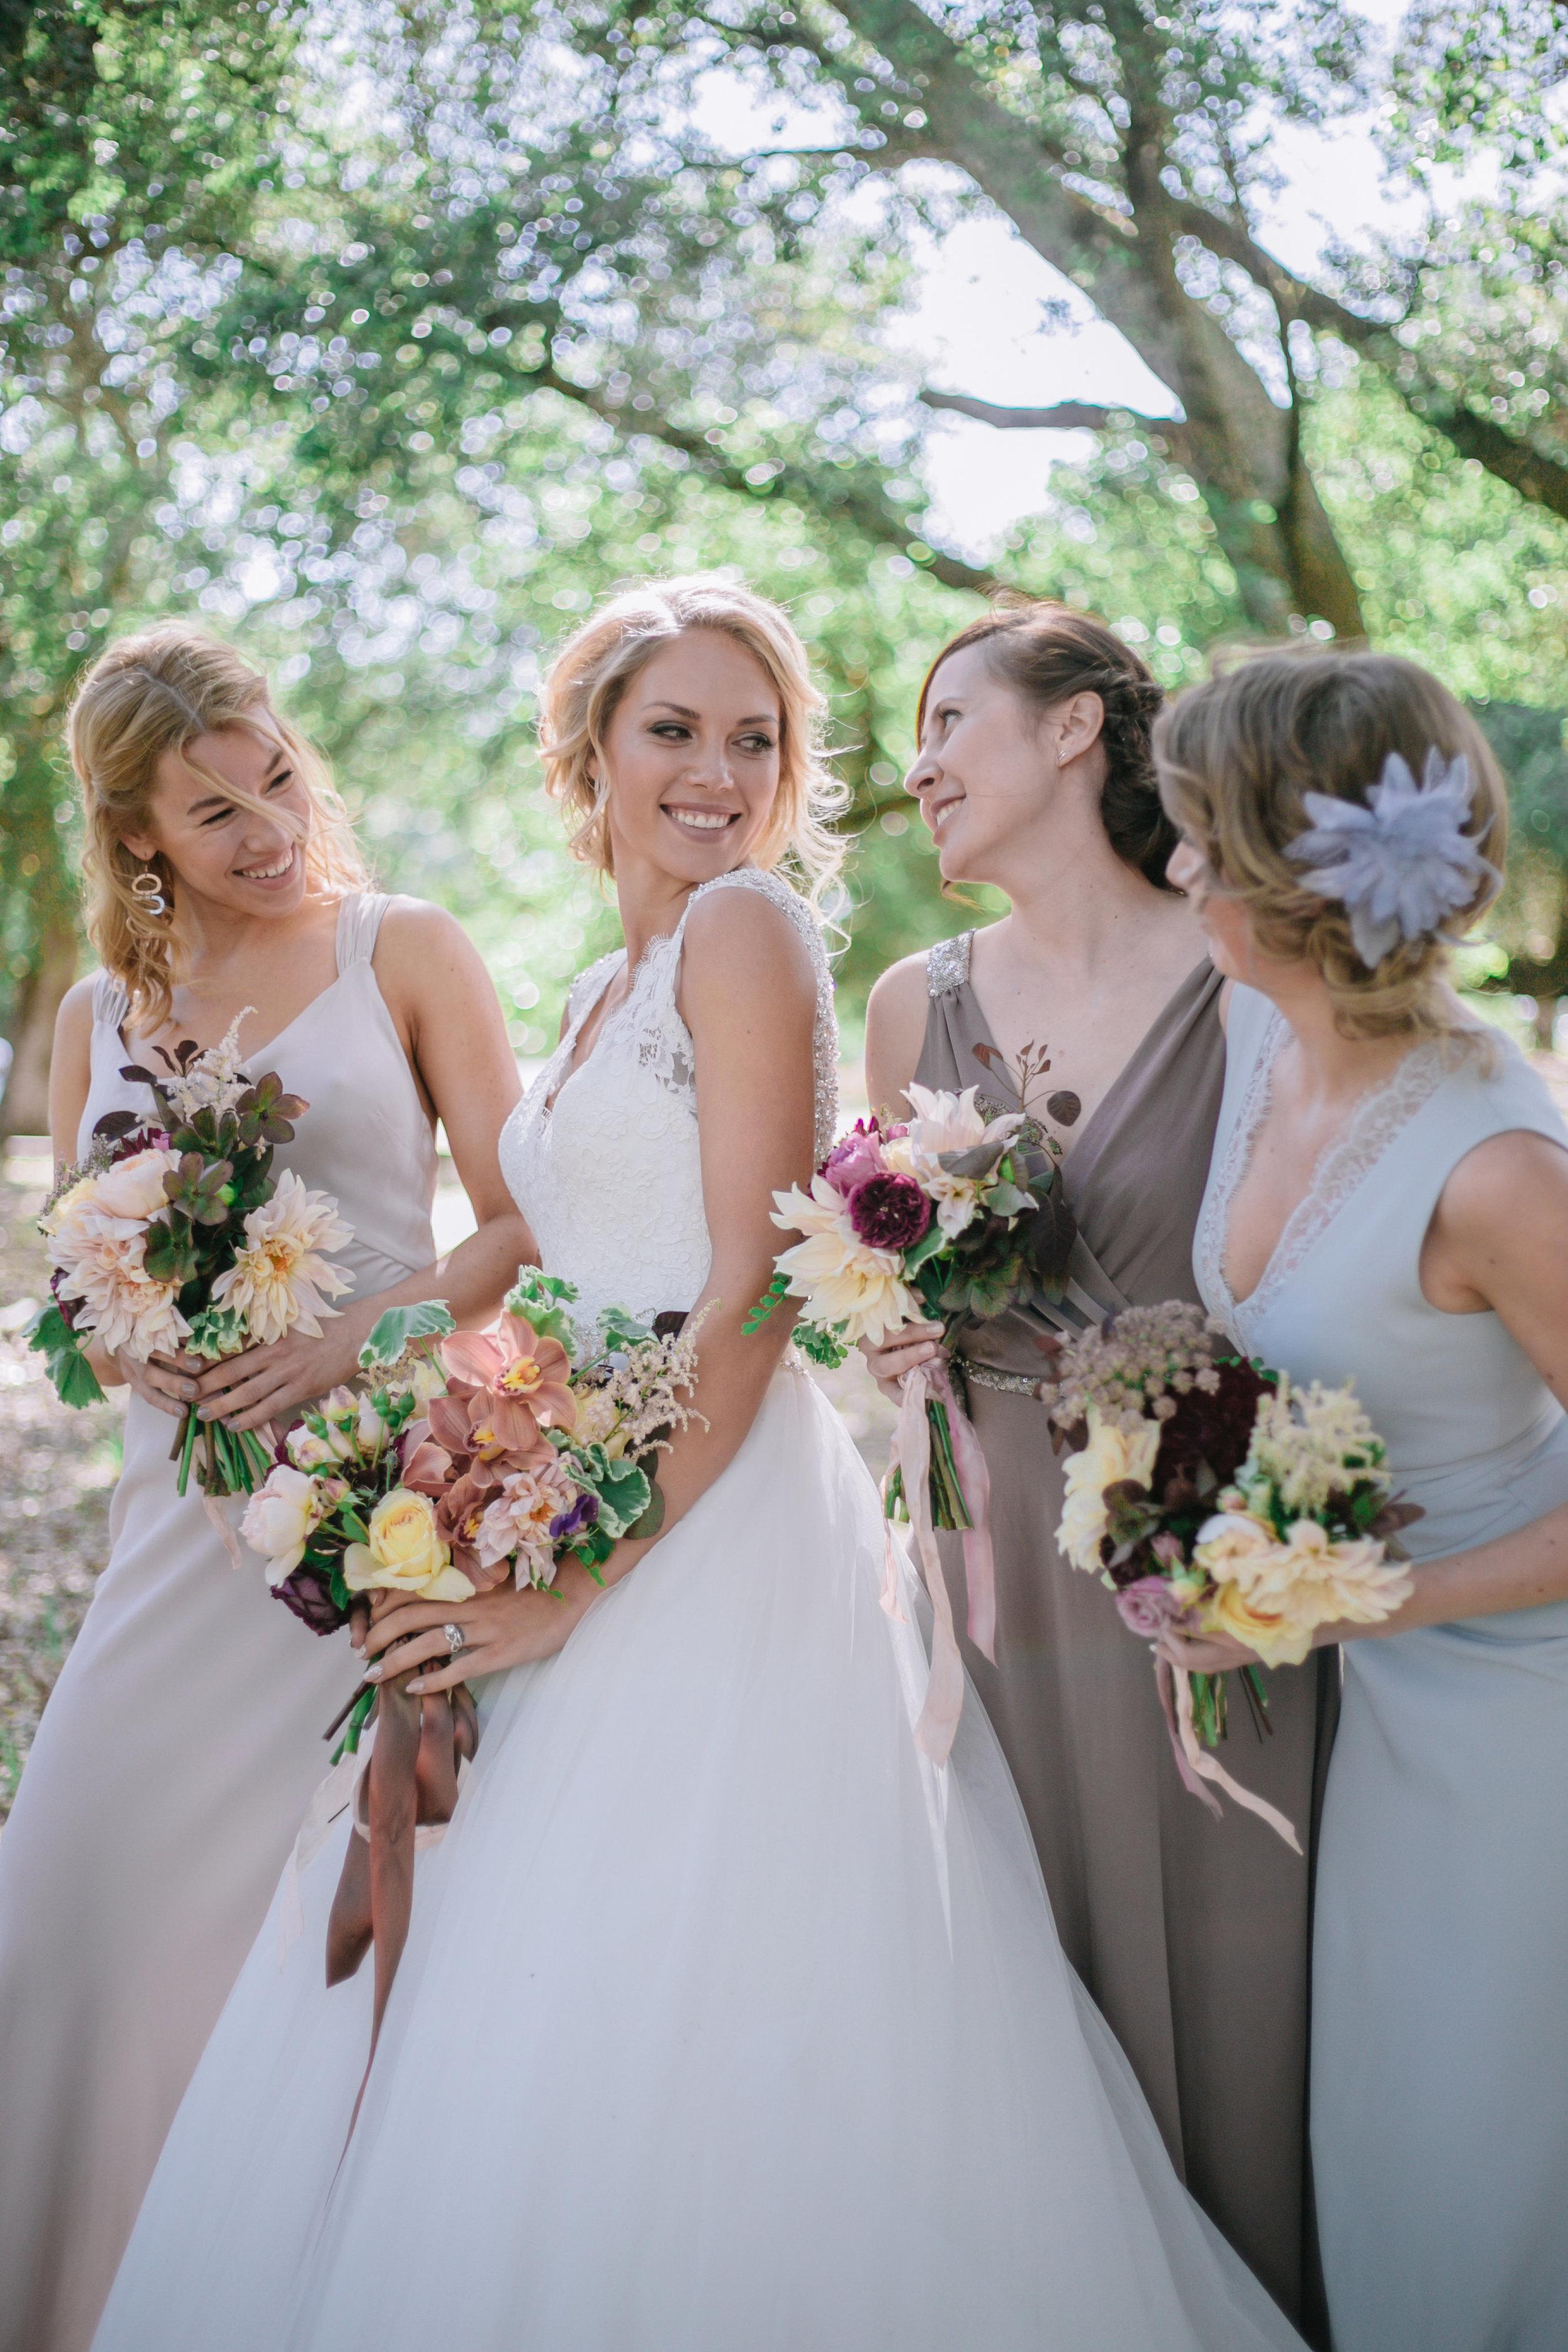 N K wedding-Bride Groom and Bridal Party-0096.jpg